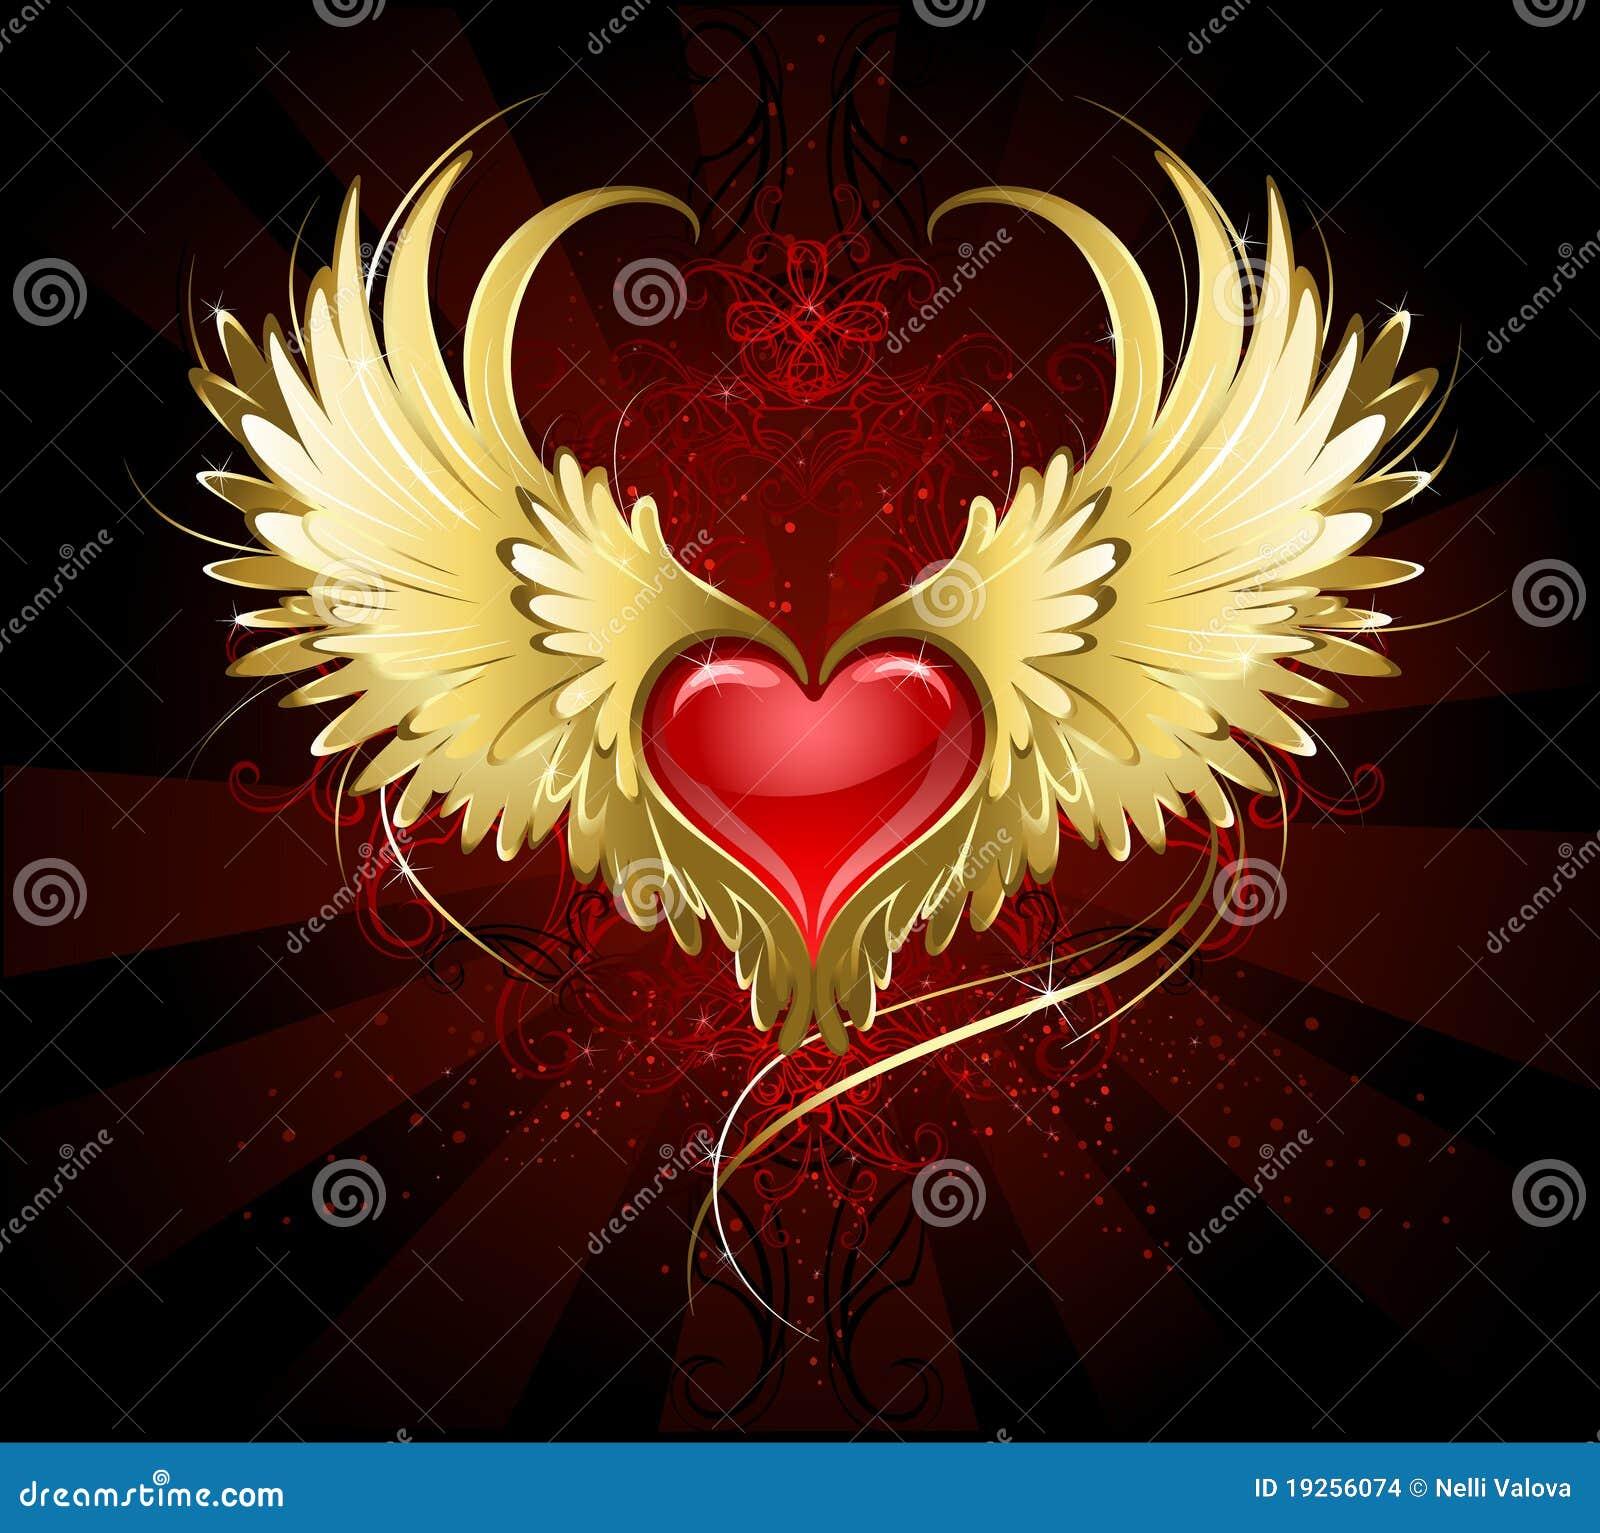 Coeur rouge avec les ailes d 39 or illustration de vecteur - Dessin de coeur avec des ailes ...